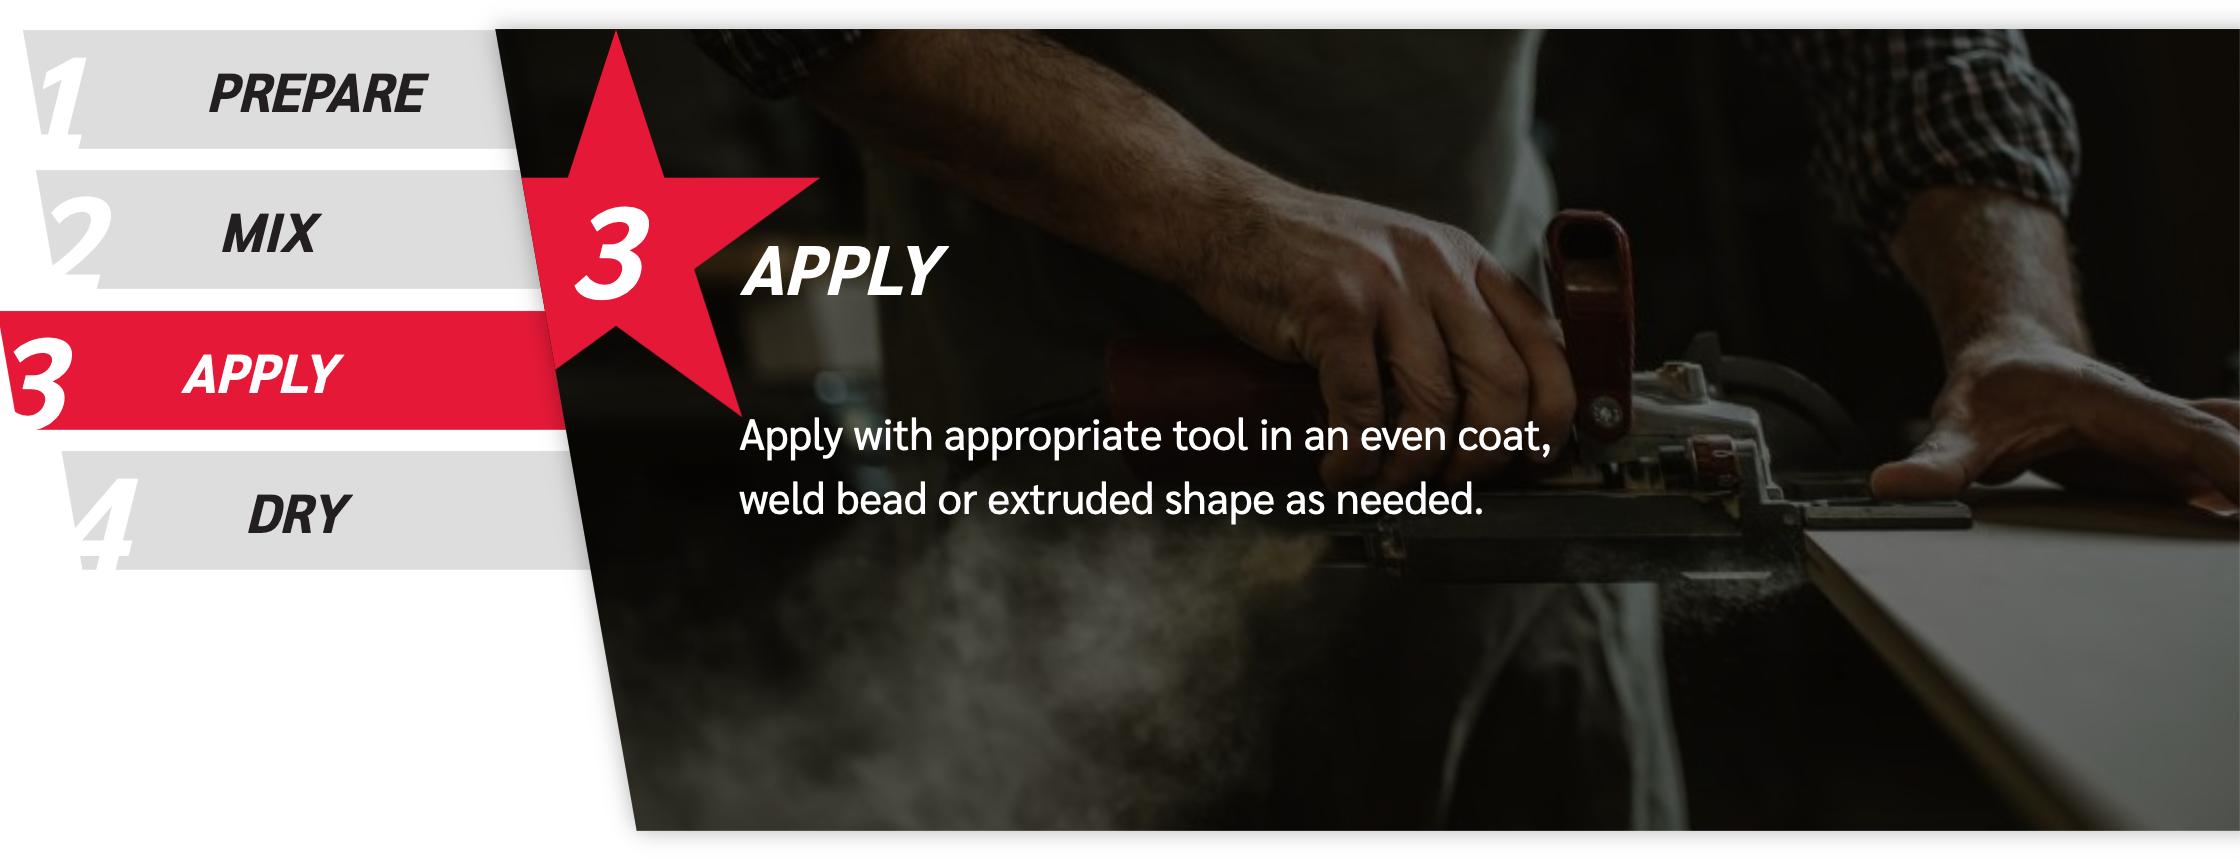 50133-fixthebog.uk-apply.png